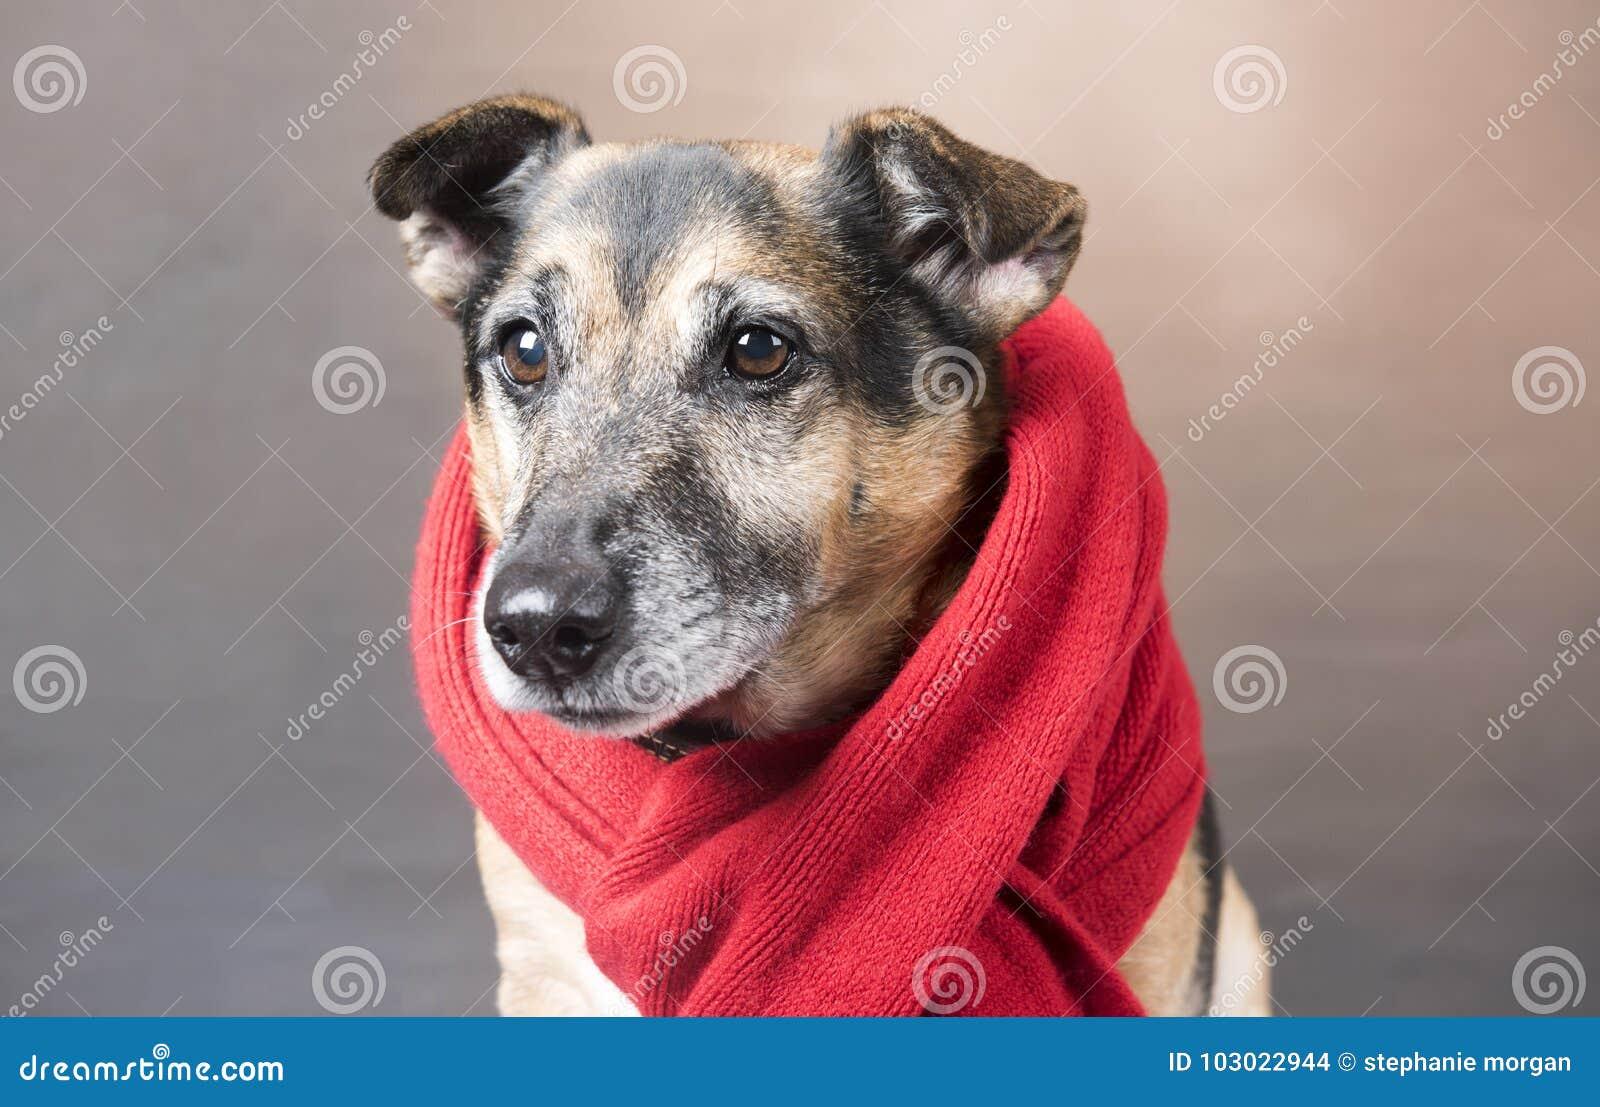 穿一条红色围巾的逗人喜爱的小狗狗